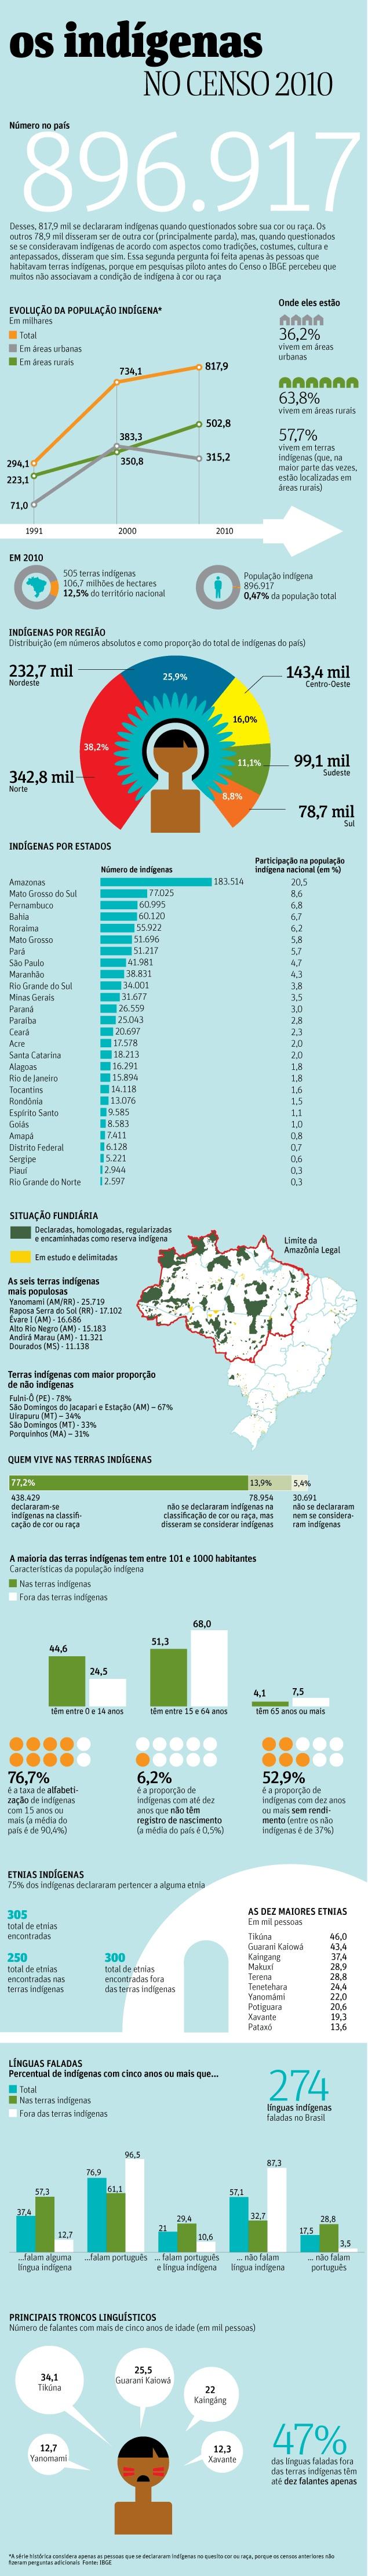 Censo Aponta Que índios Eram 0,47% Da Popula��o Em 2010